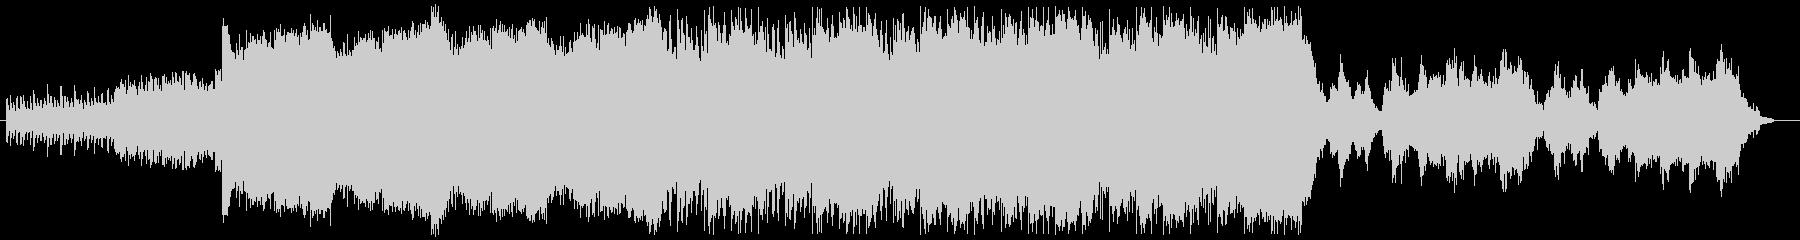 シンプルなピアノから始まり、ヒーリング的の未再生の波形